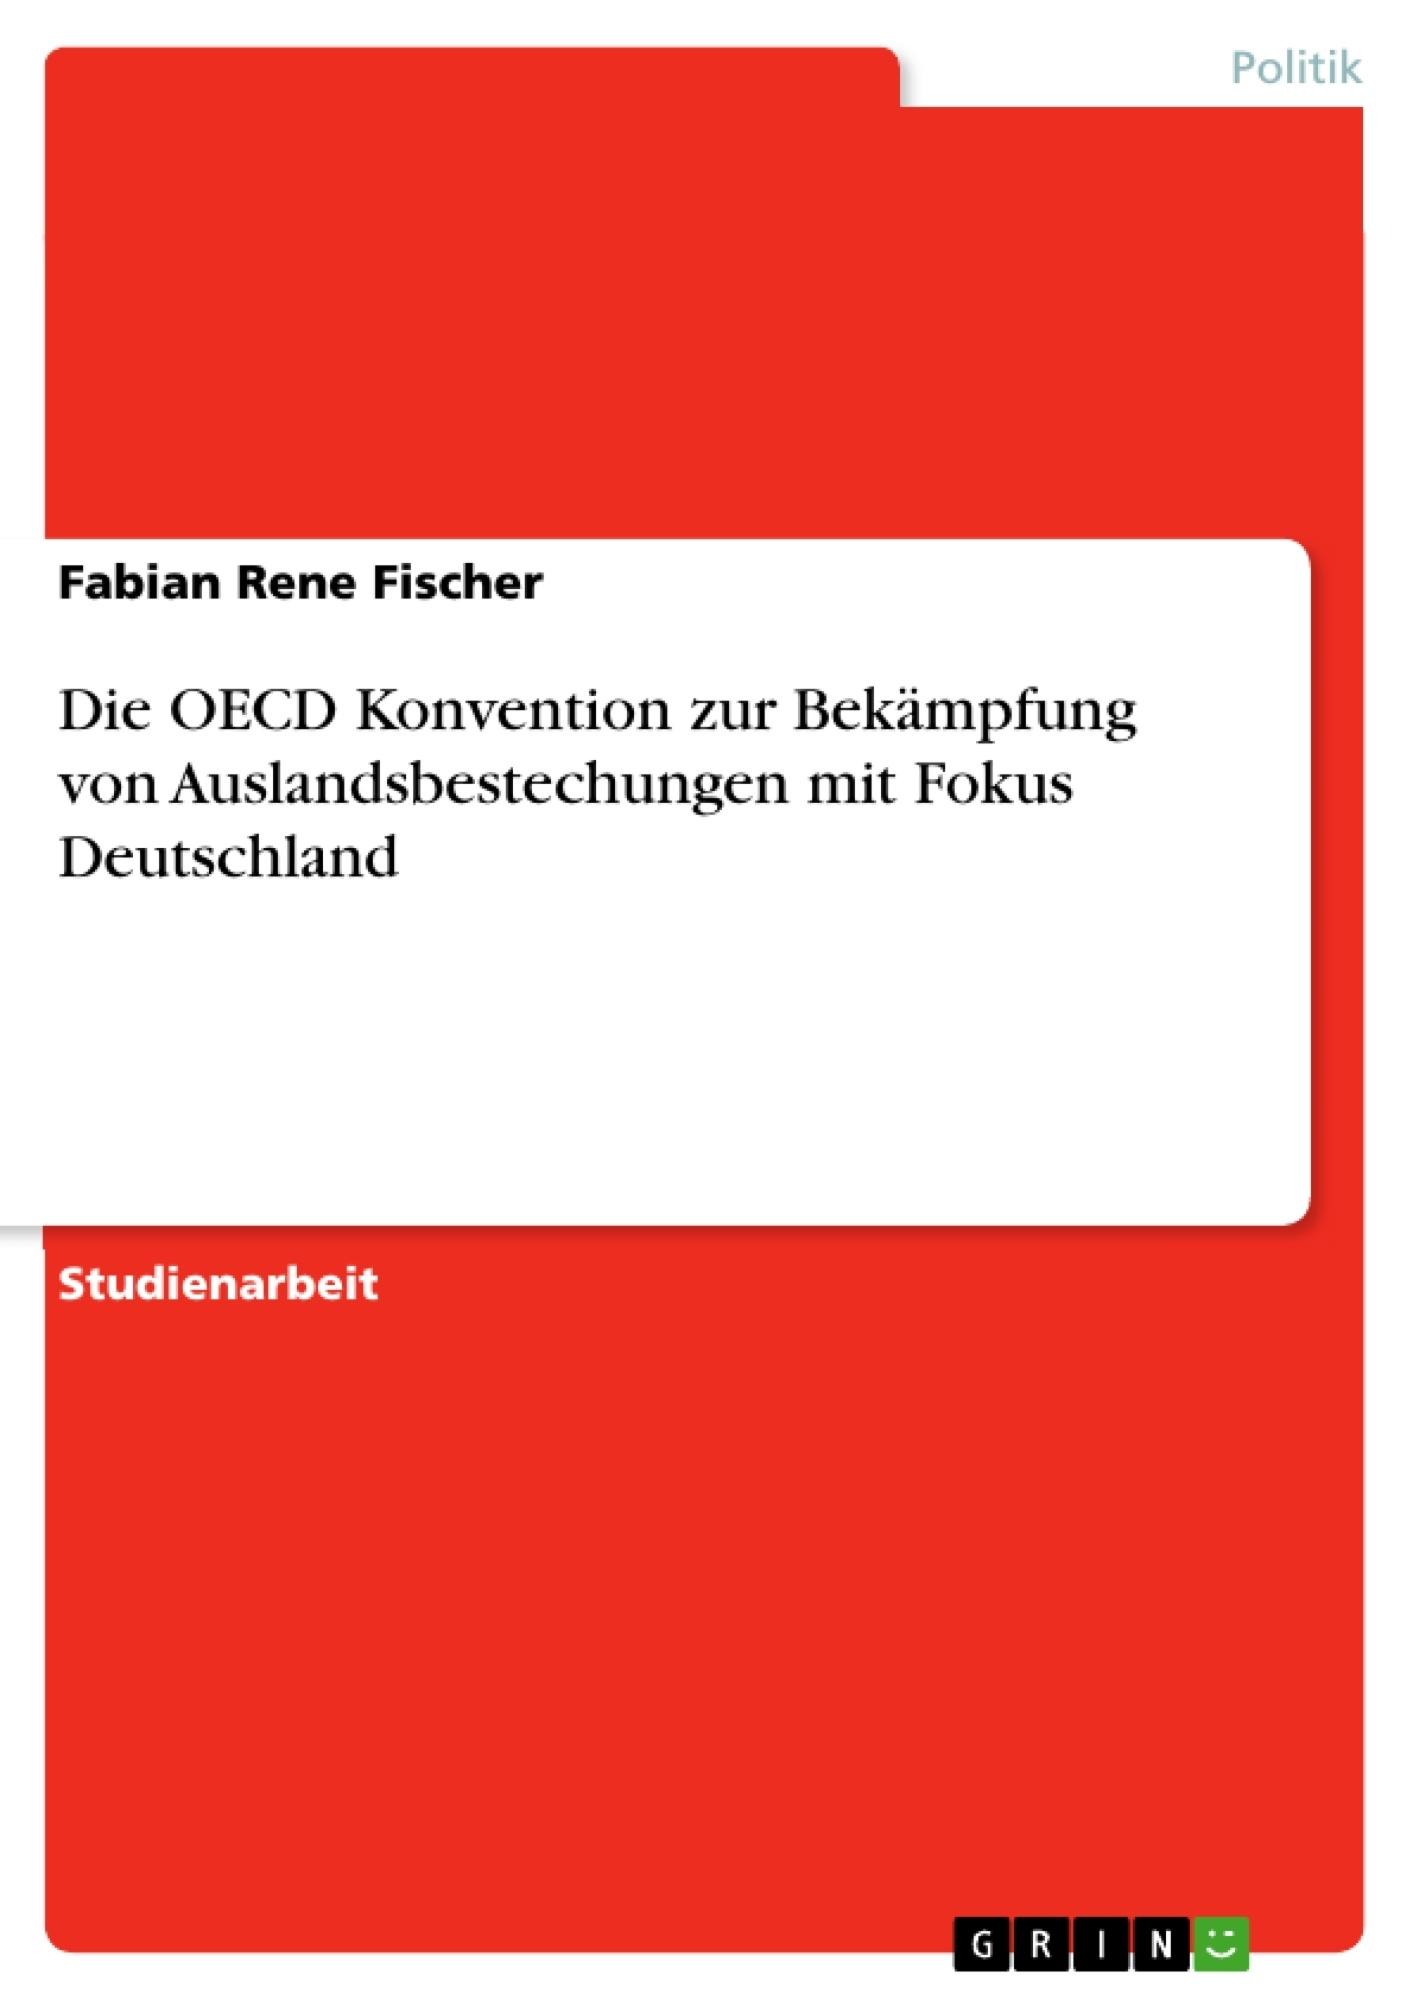 Titel: Die OECD Konvention zur Bekämpfung von Auslandsbestechungen mit Fokus Deutschland